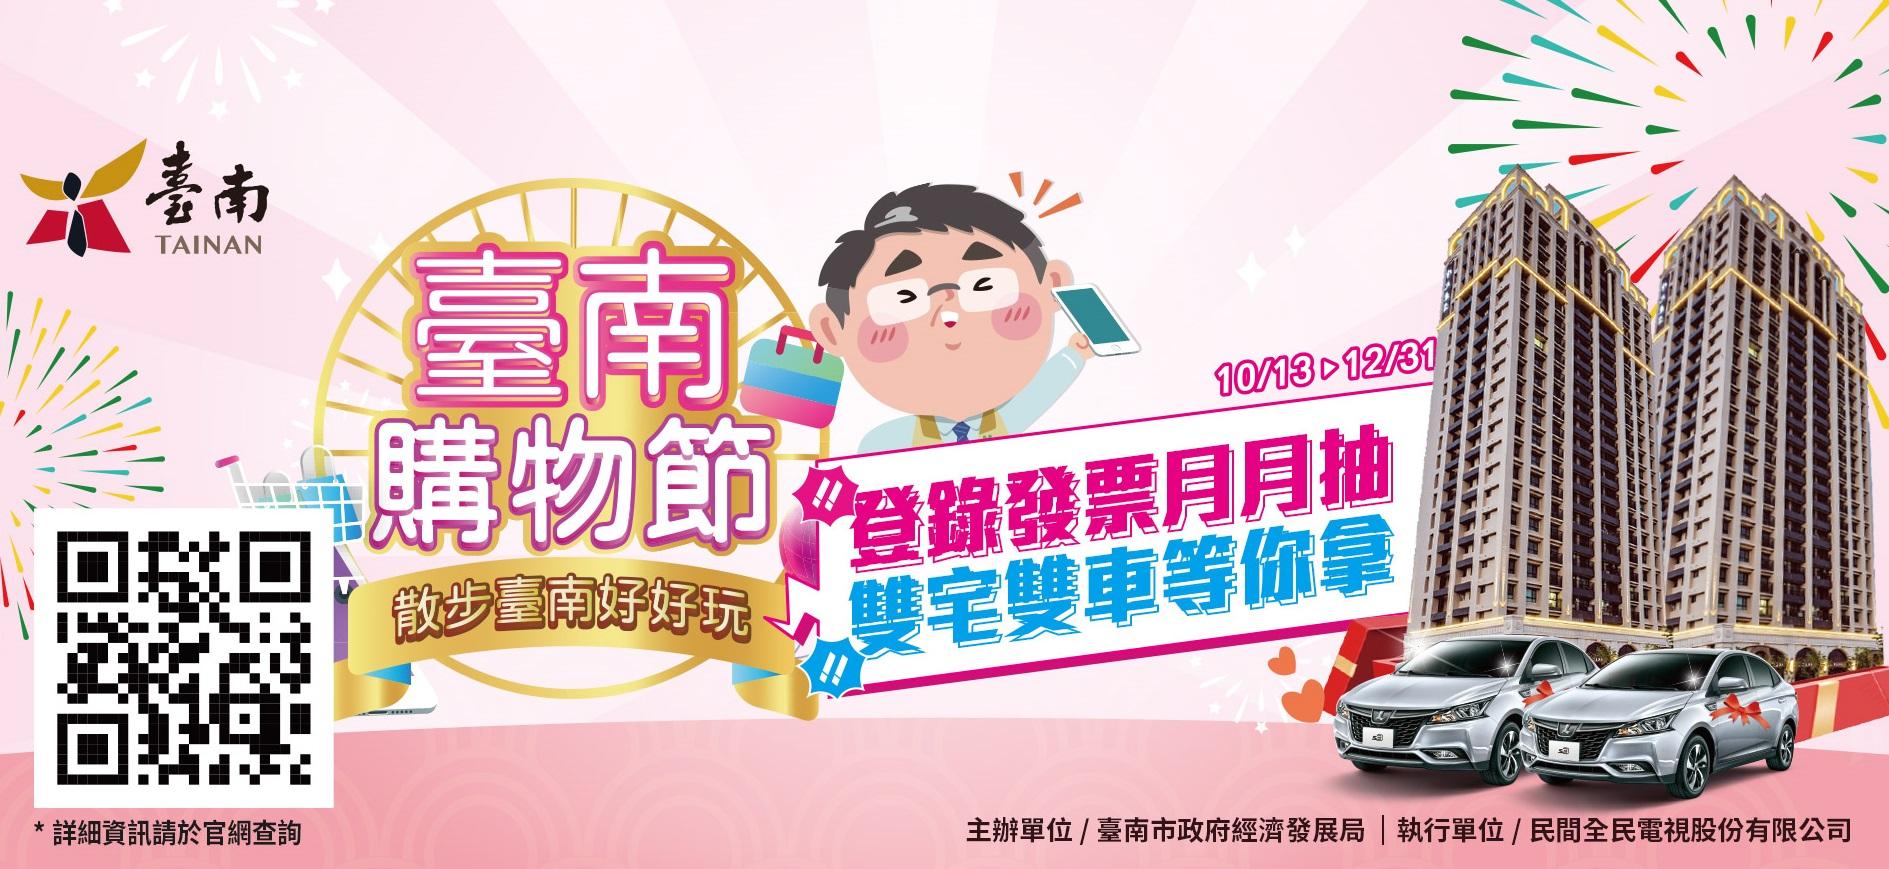 臺南購物節